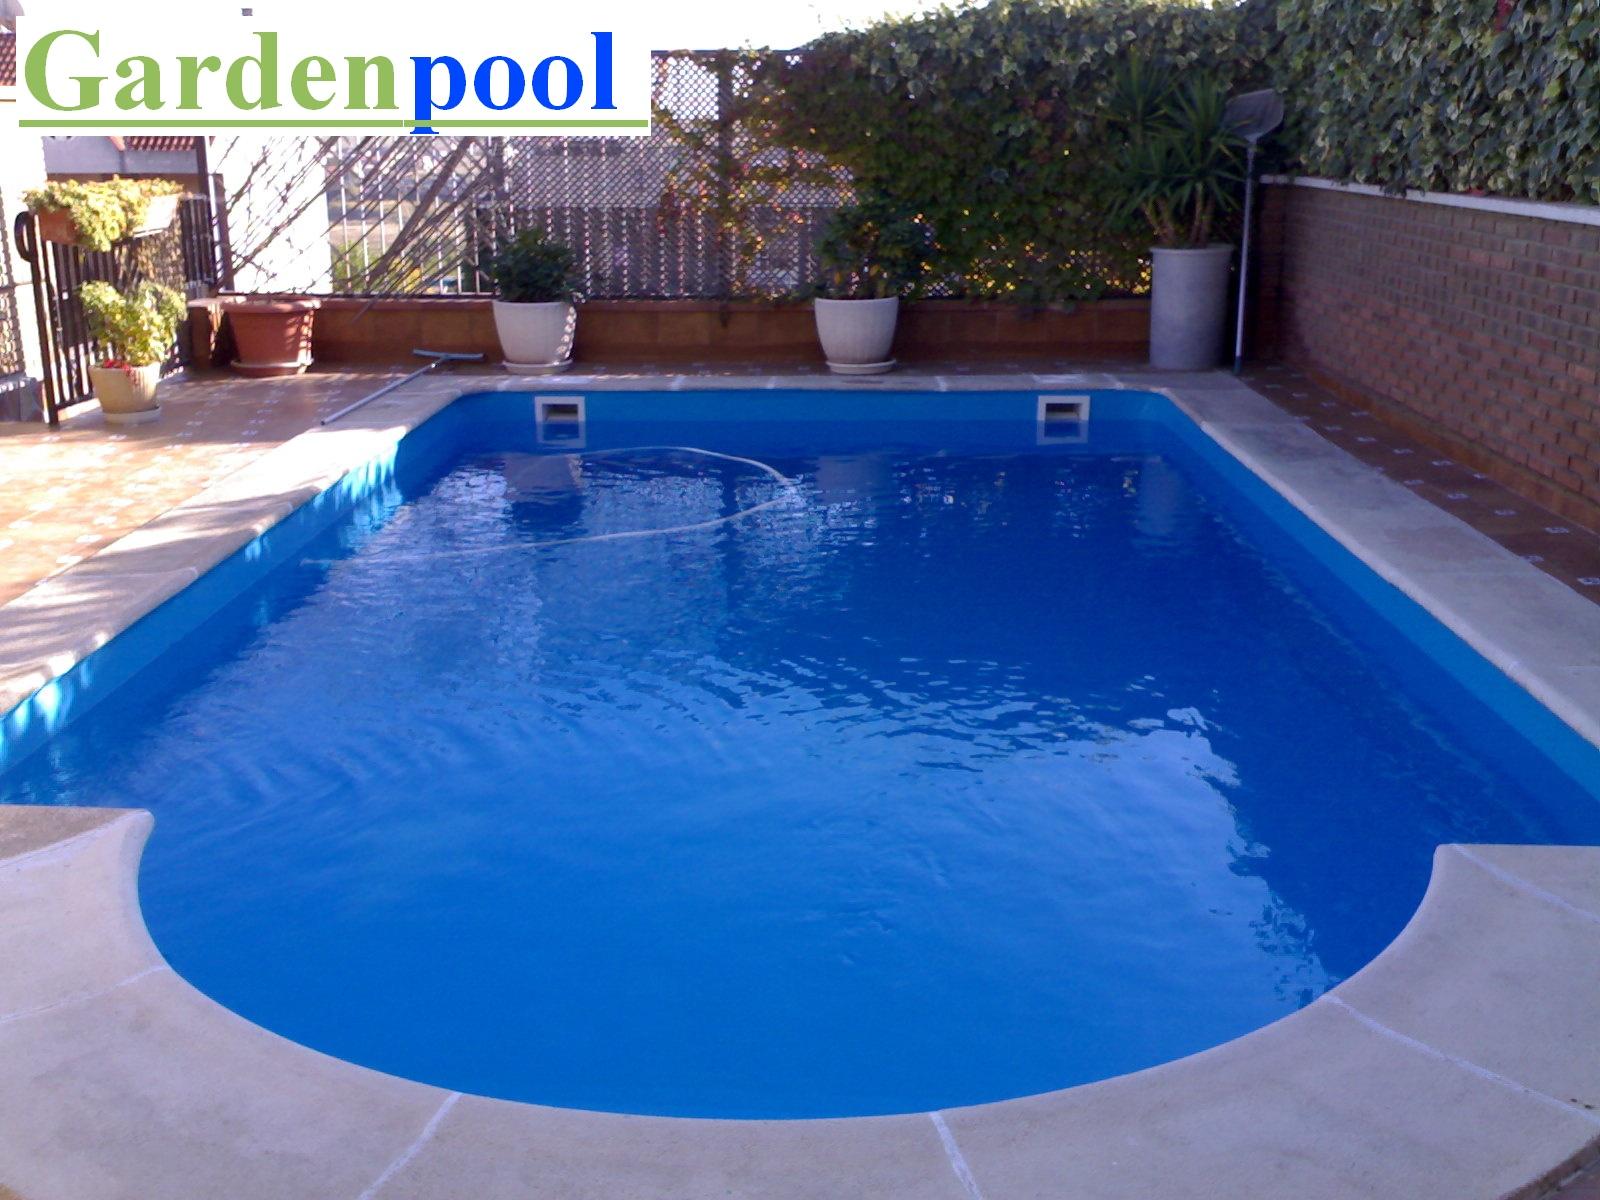 Impermeabilizacion de piscinas en madrid for Piscina coslada